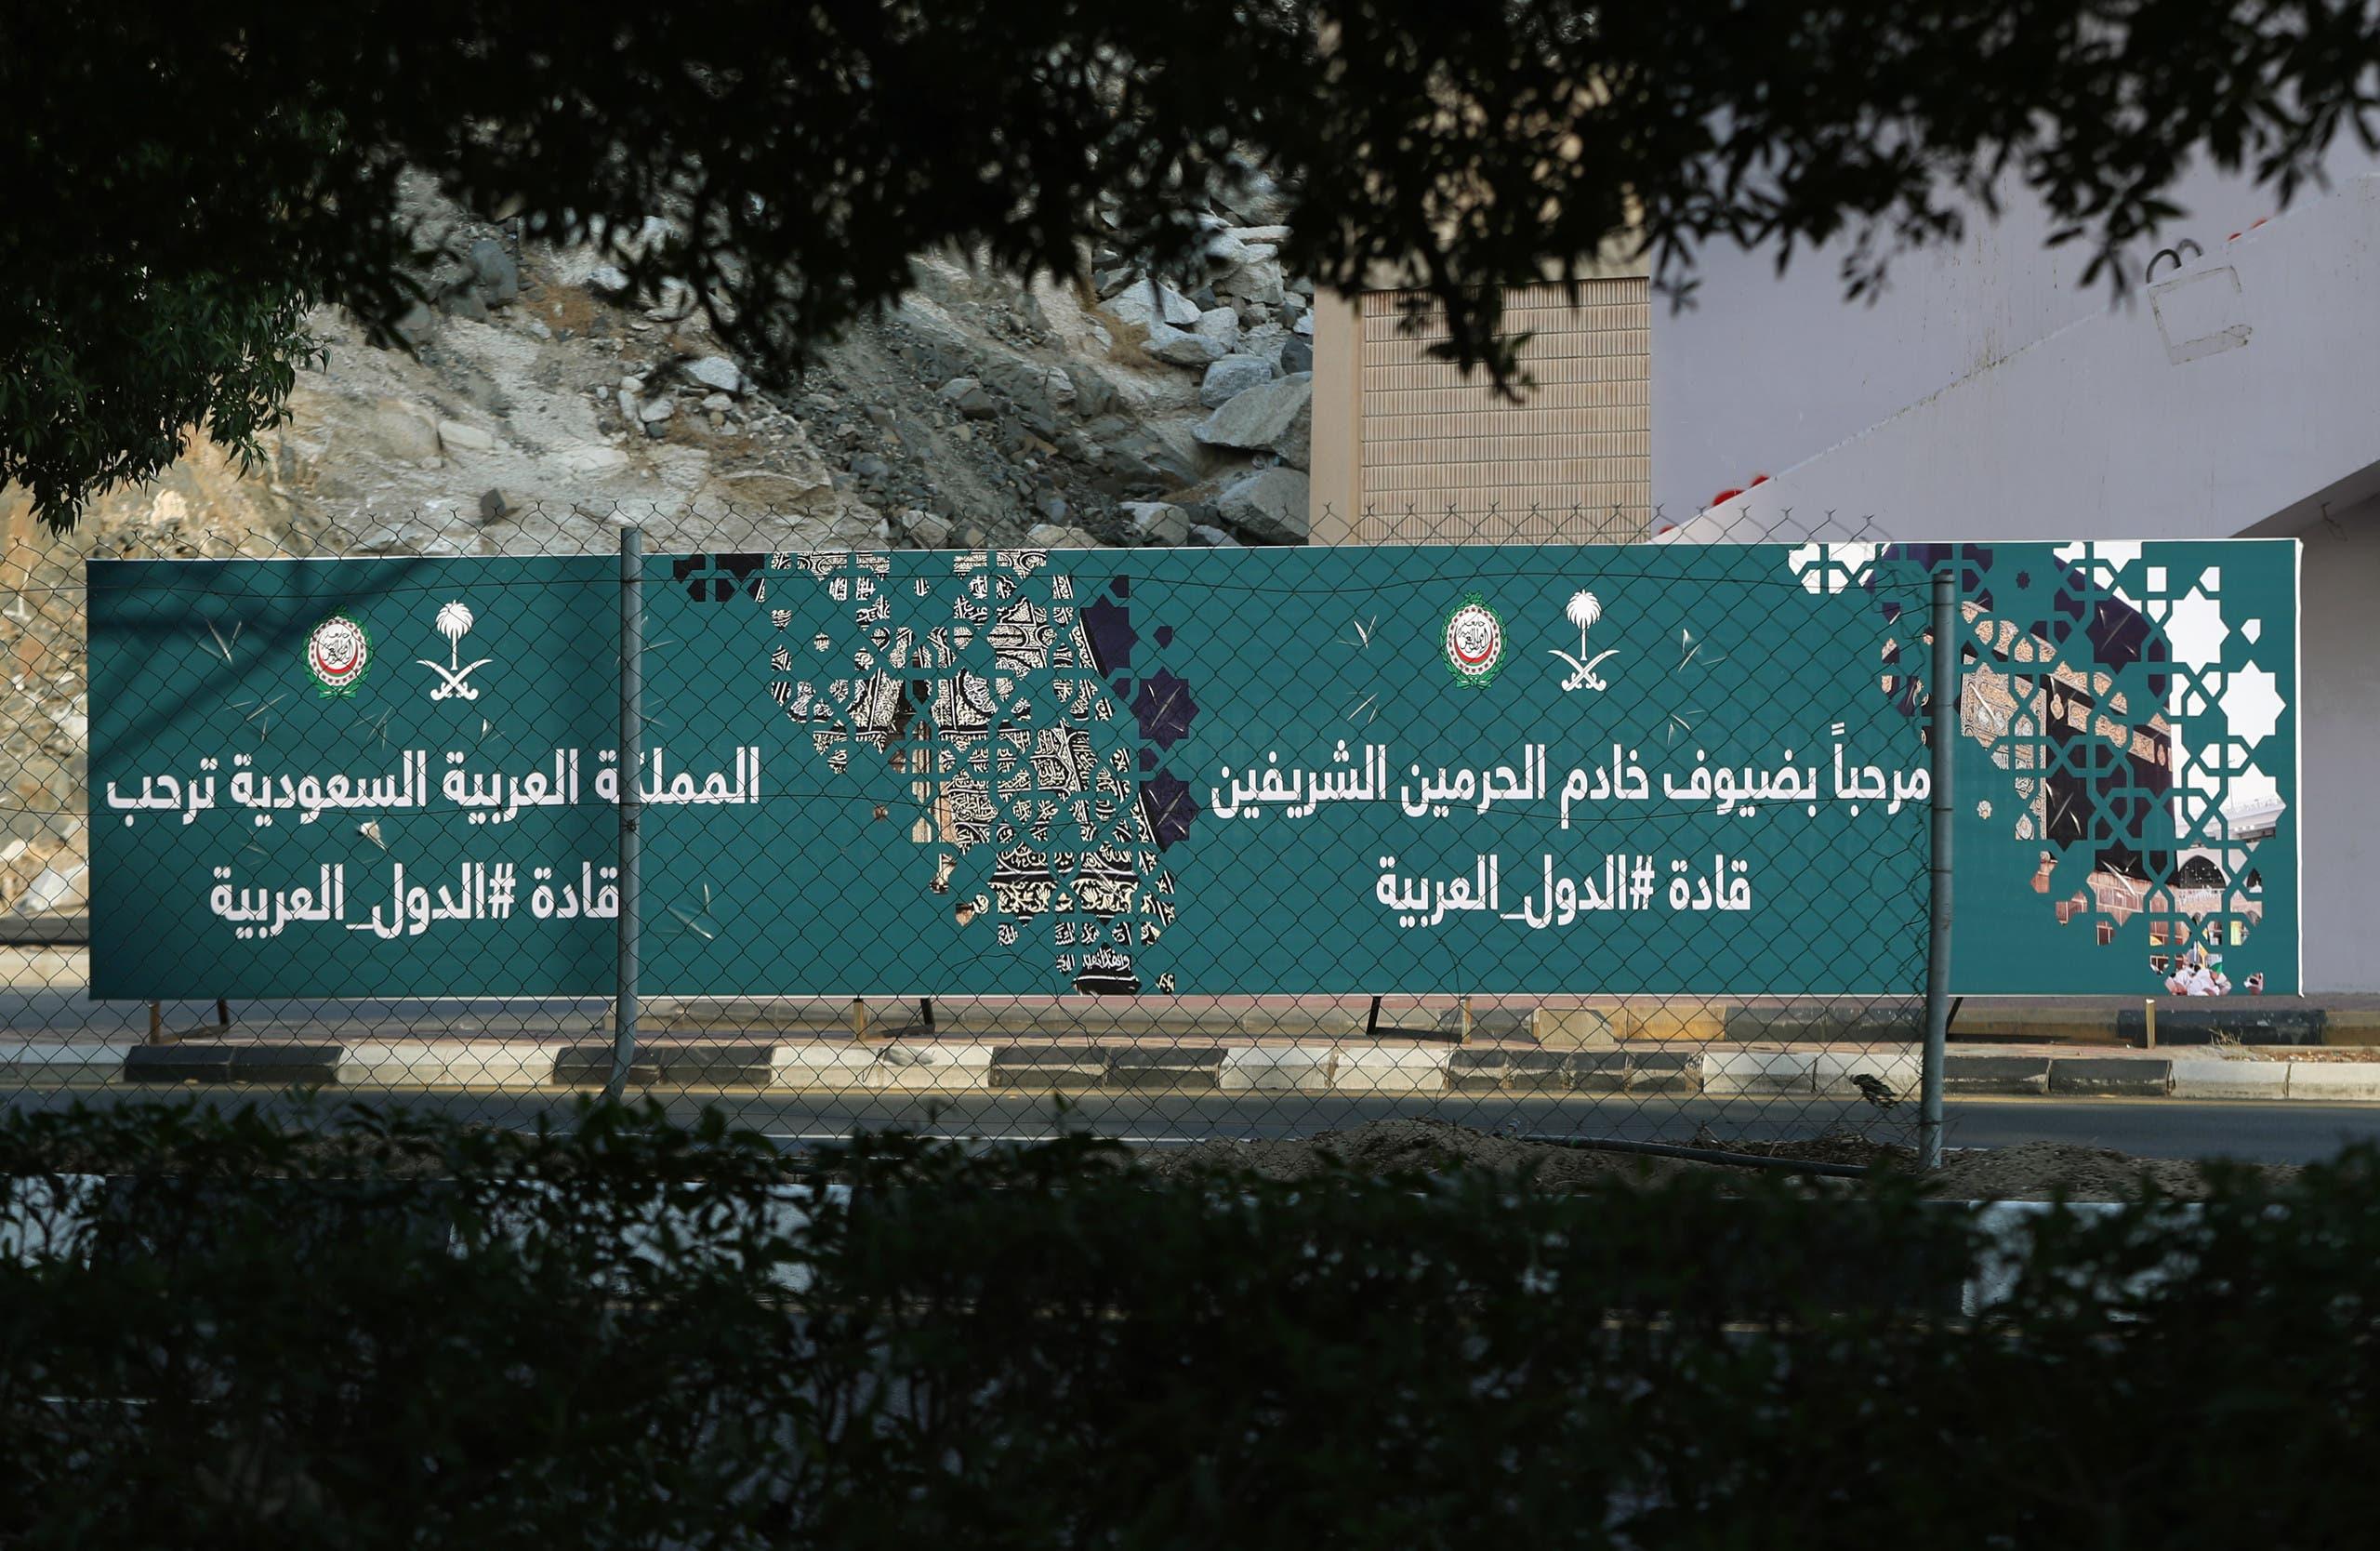 لافتة في أحد شوارع مكة المكرمة ترحب بالوفود المشاركة في القمة العربية